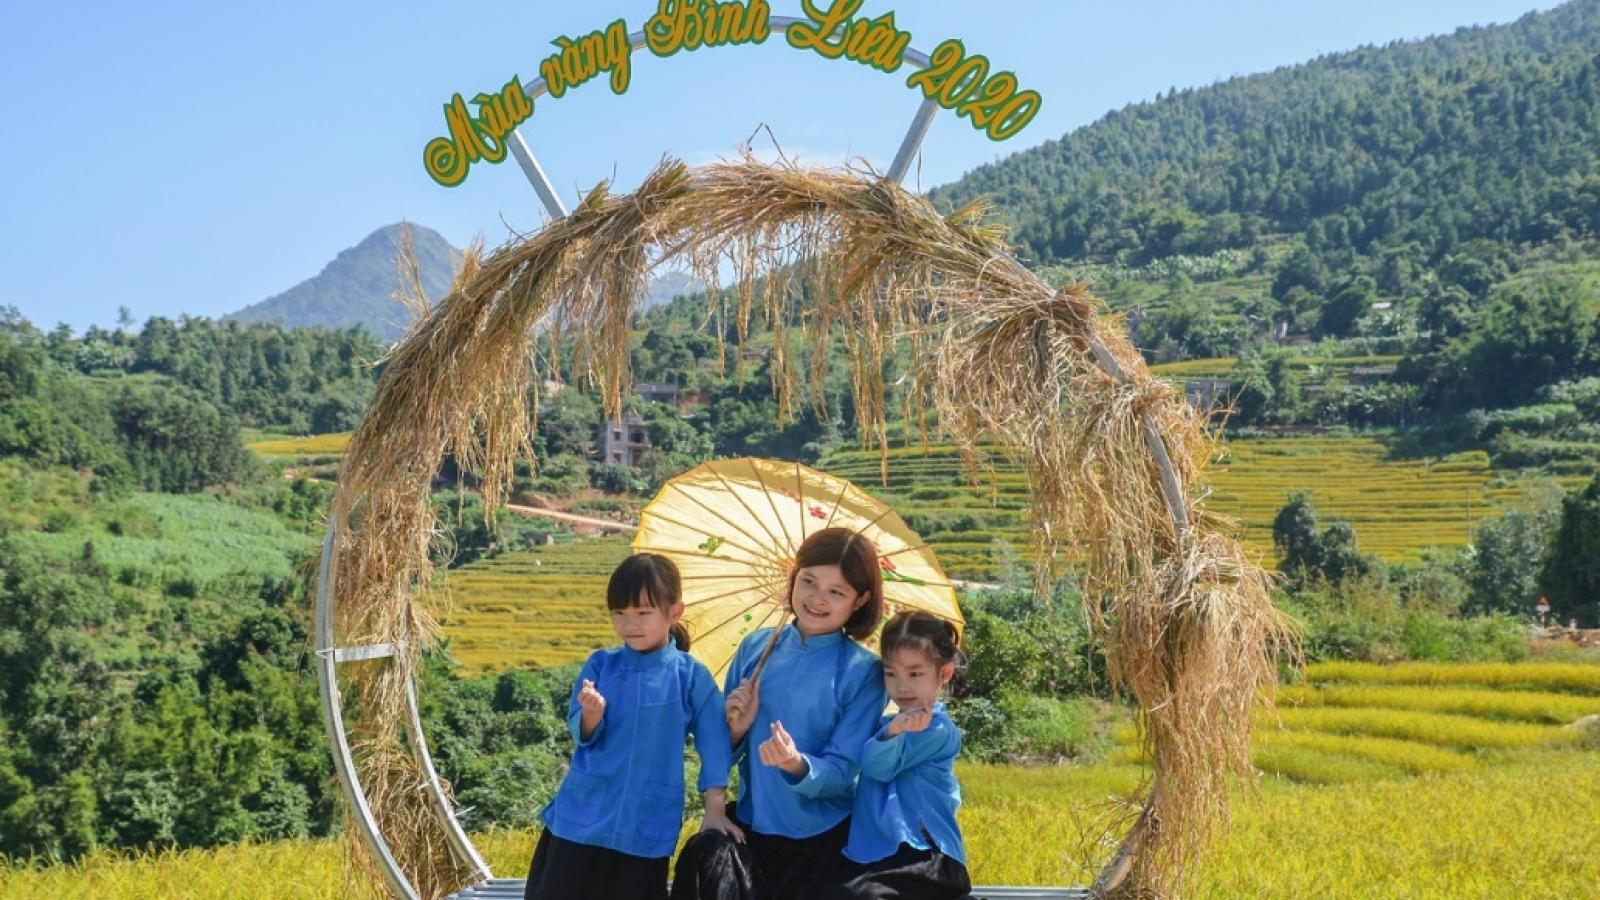 Tín hiệu tốt từ kích cầu tiêu dùng, du lịch nội tỉnh Quảng Ninh